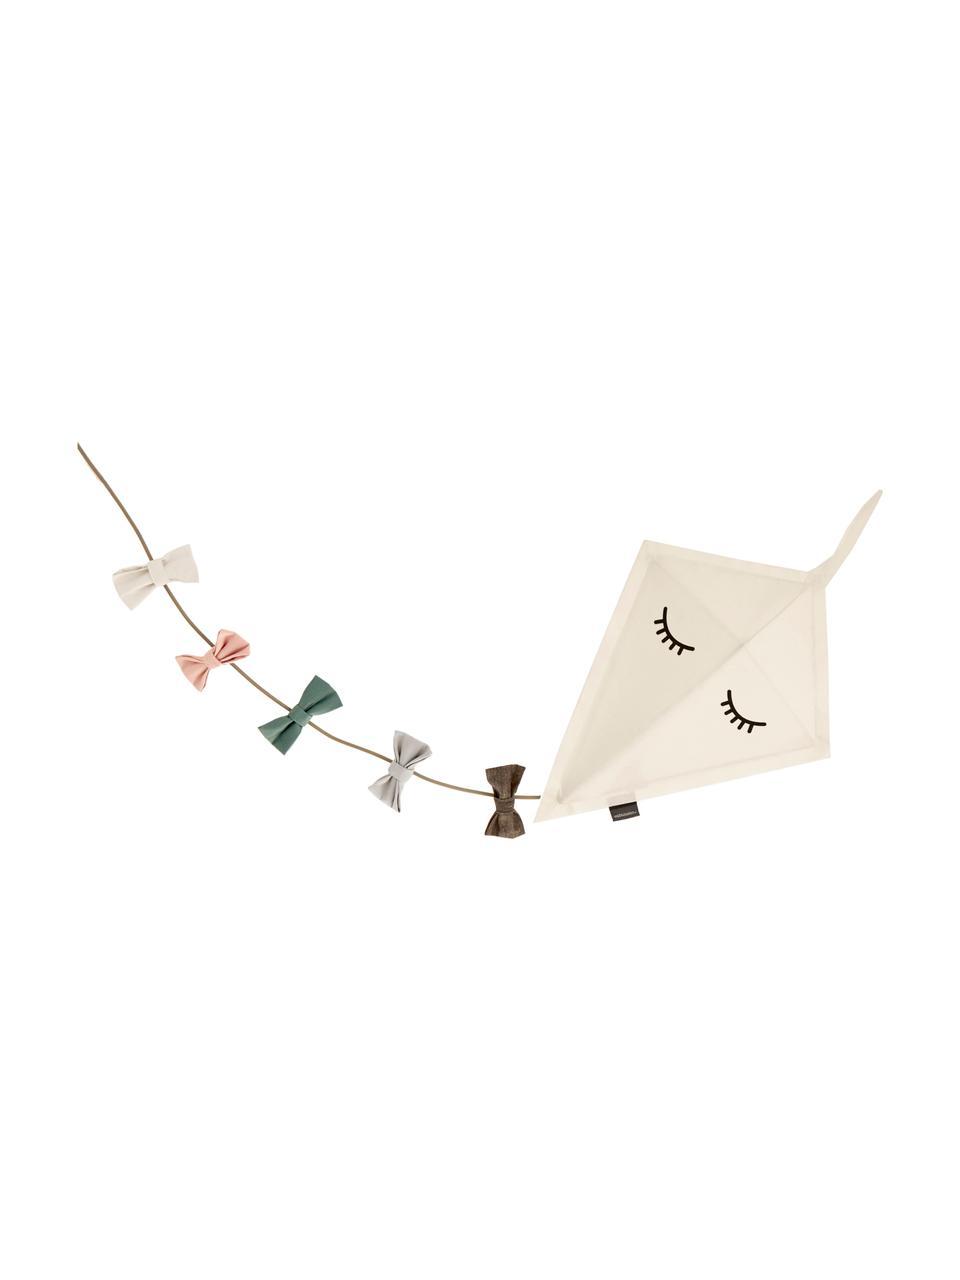 Wandleuchte Kite mit Stecker, Bezug: Filz, Dekor: Baumwolle, Gestell: Metall, pulverbeschichtet, Weiß, Mehrfarbig, 40 x 52 cm